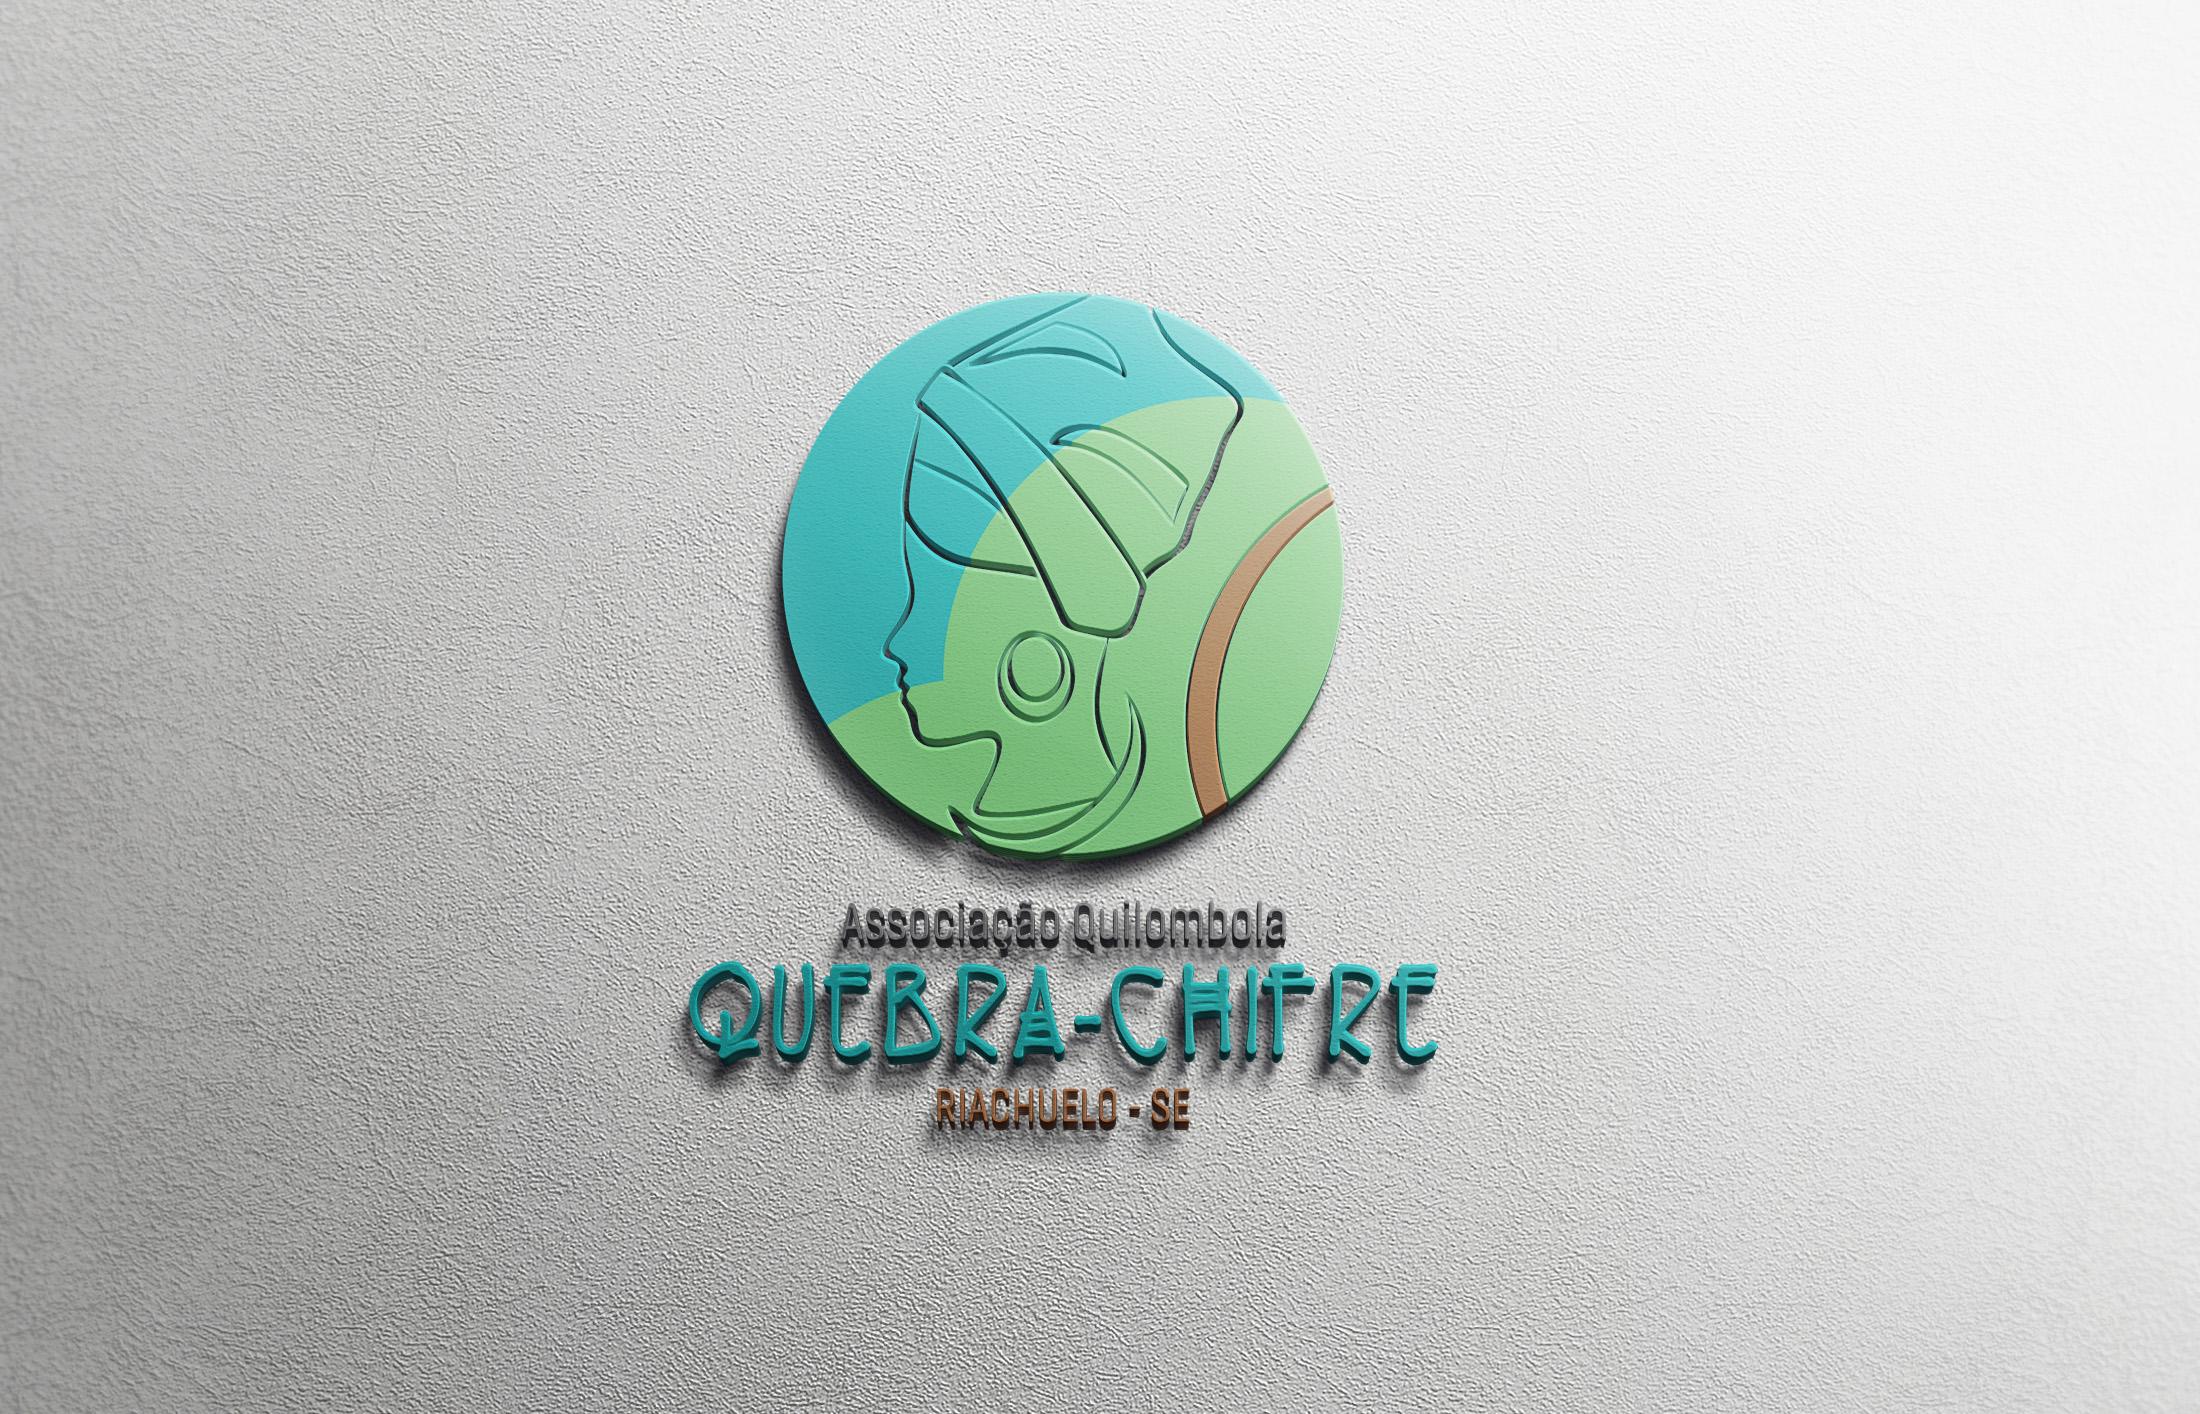 Marca para Associação Quilombola Quebra-Chifre